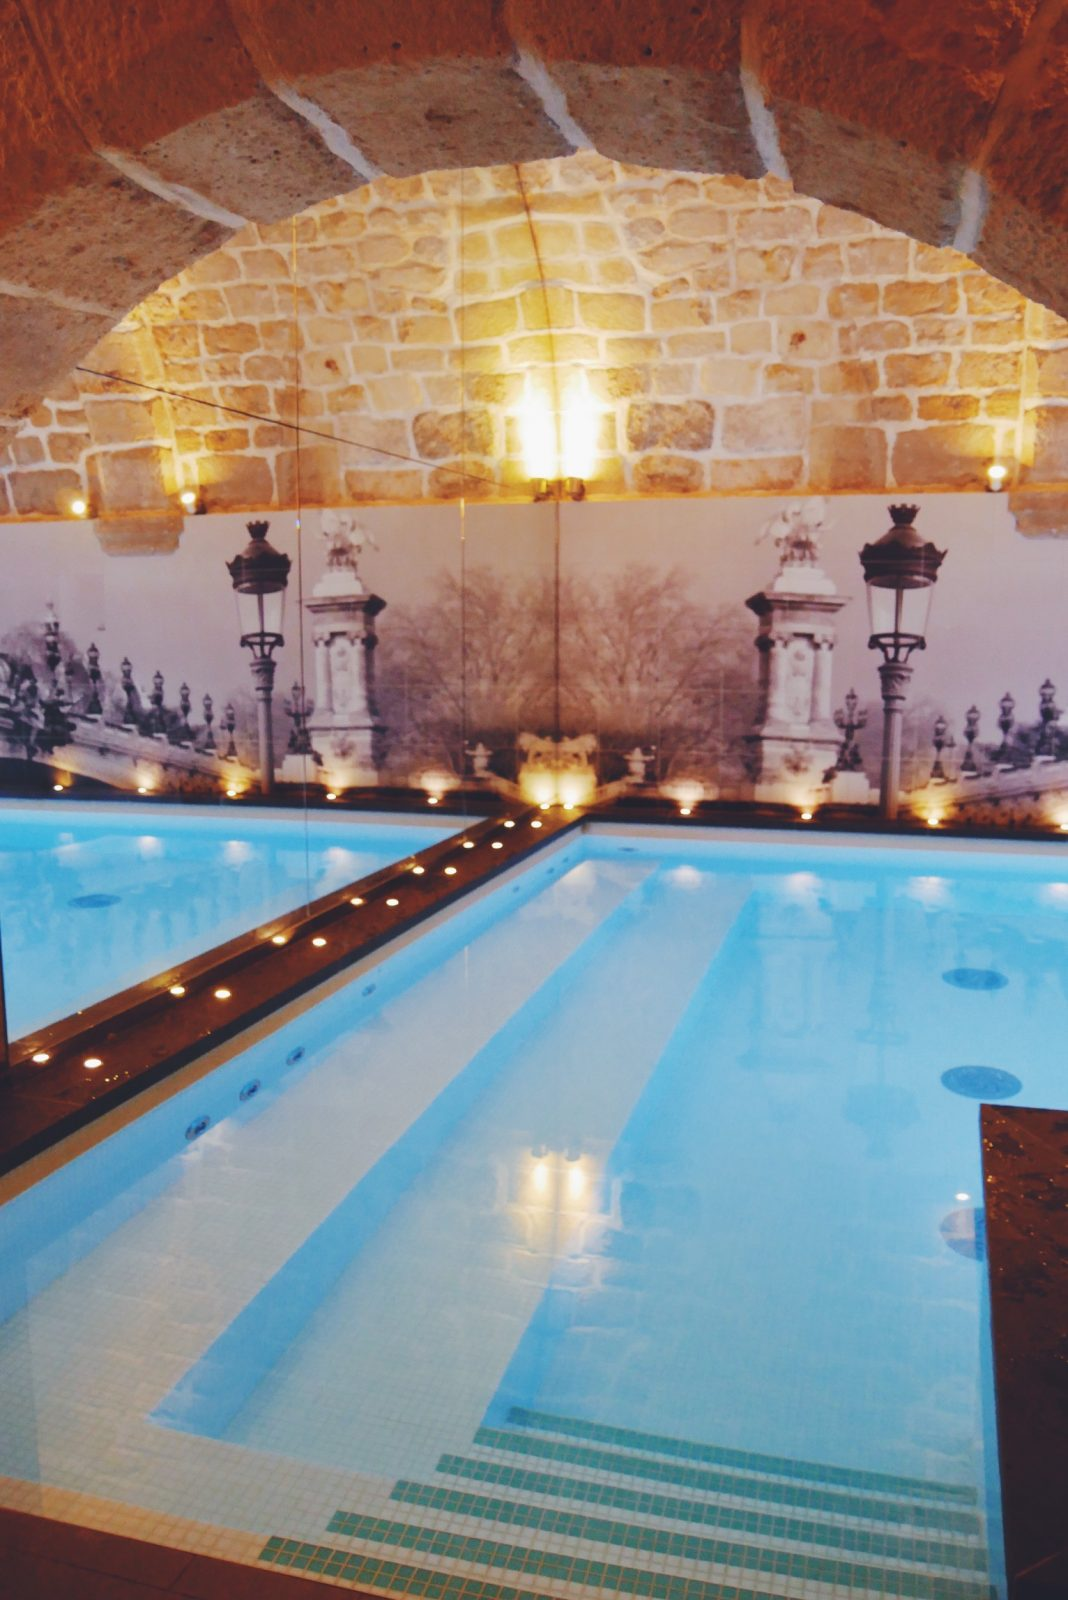 Boutique-Hôtel-La-Lanterne-Quartier-Latin-paris-5e-piscine-intérieure-voute-en-pierre-espace-bien-être-myroomin-photo-usofparis-blog